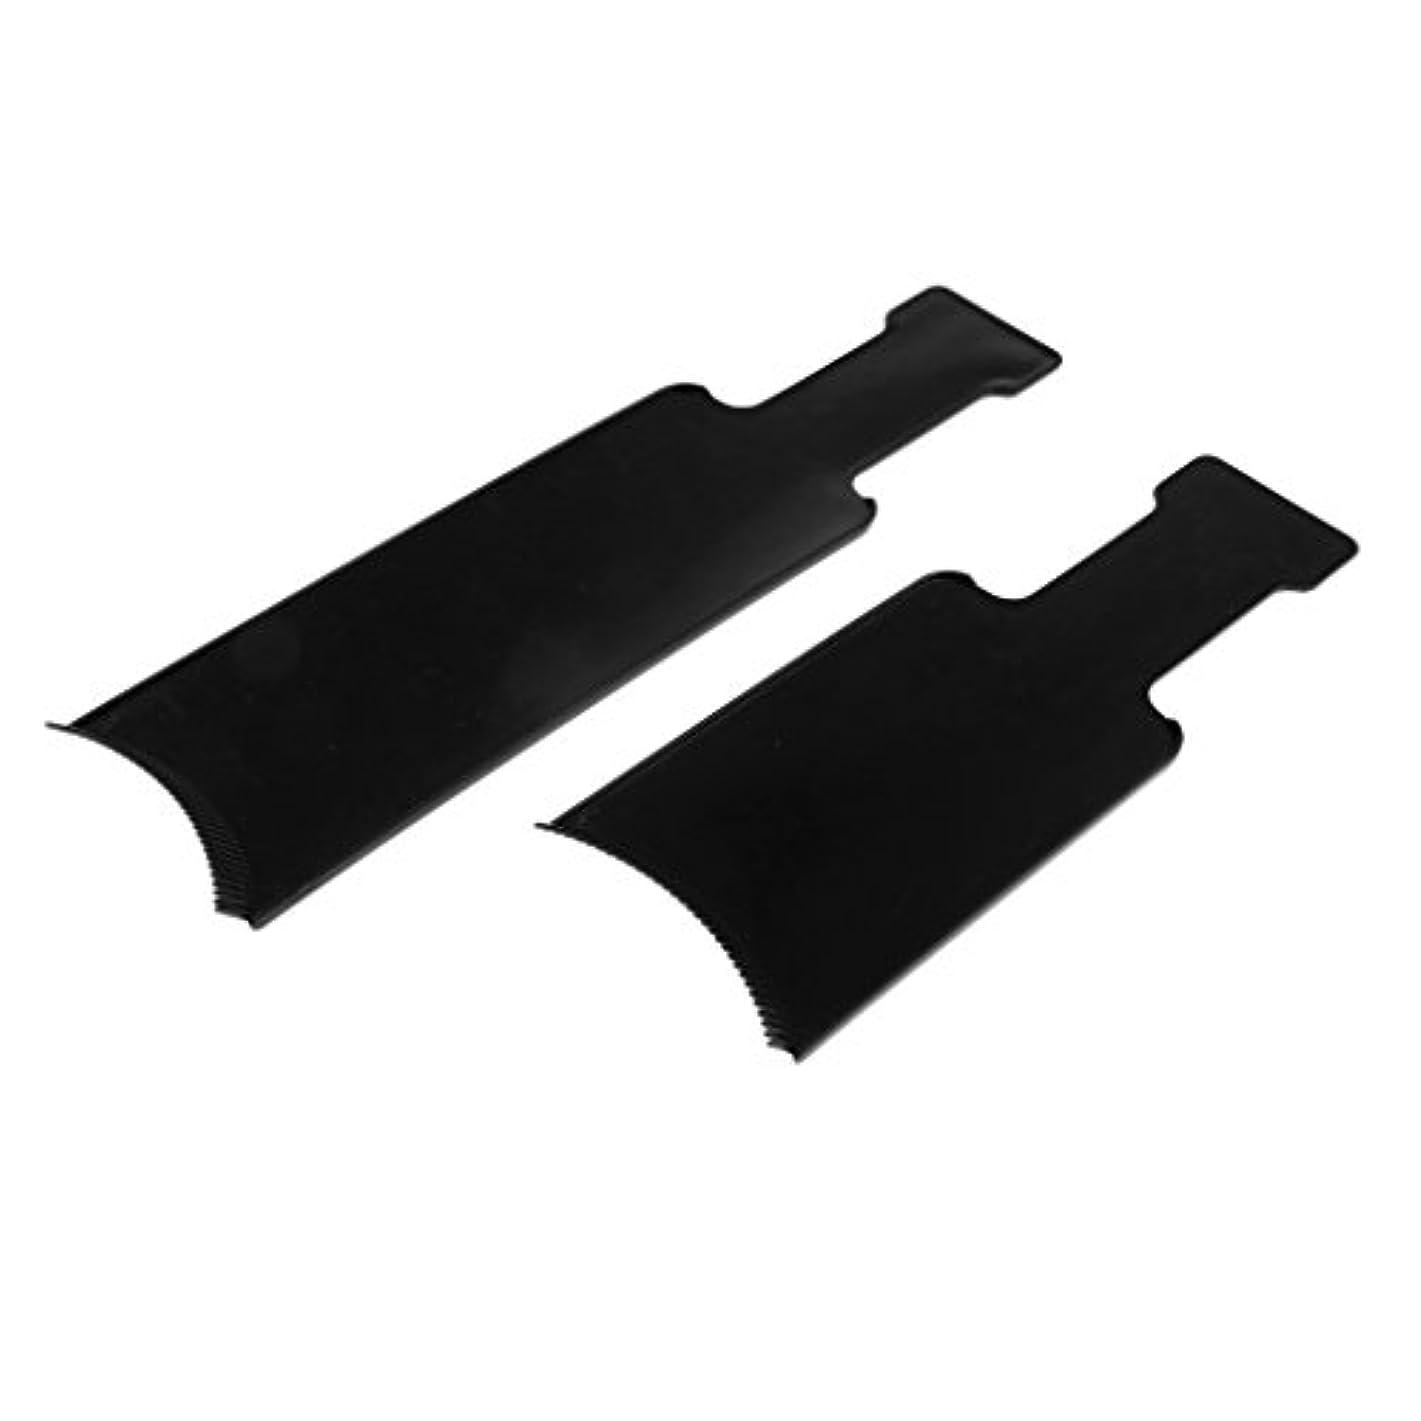 アクセス輝度真面目なヘアカラーボード 染色櫛 染色プレート ヘアカラー プラスチック製 美容ツール 黒 2個入